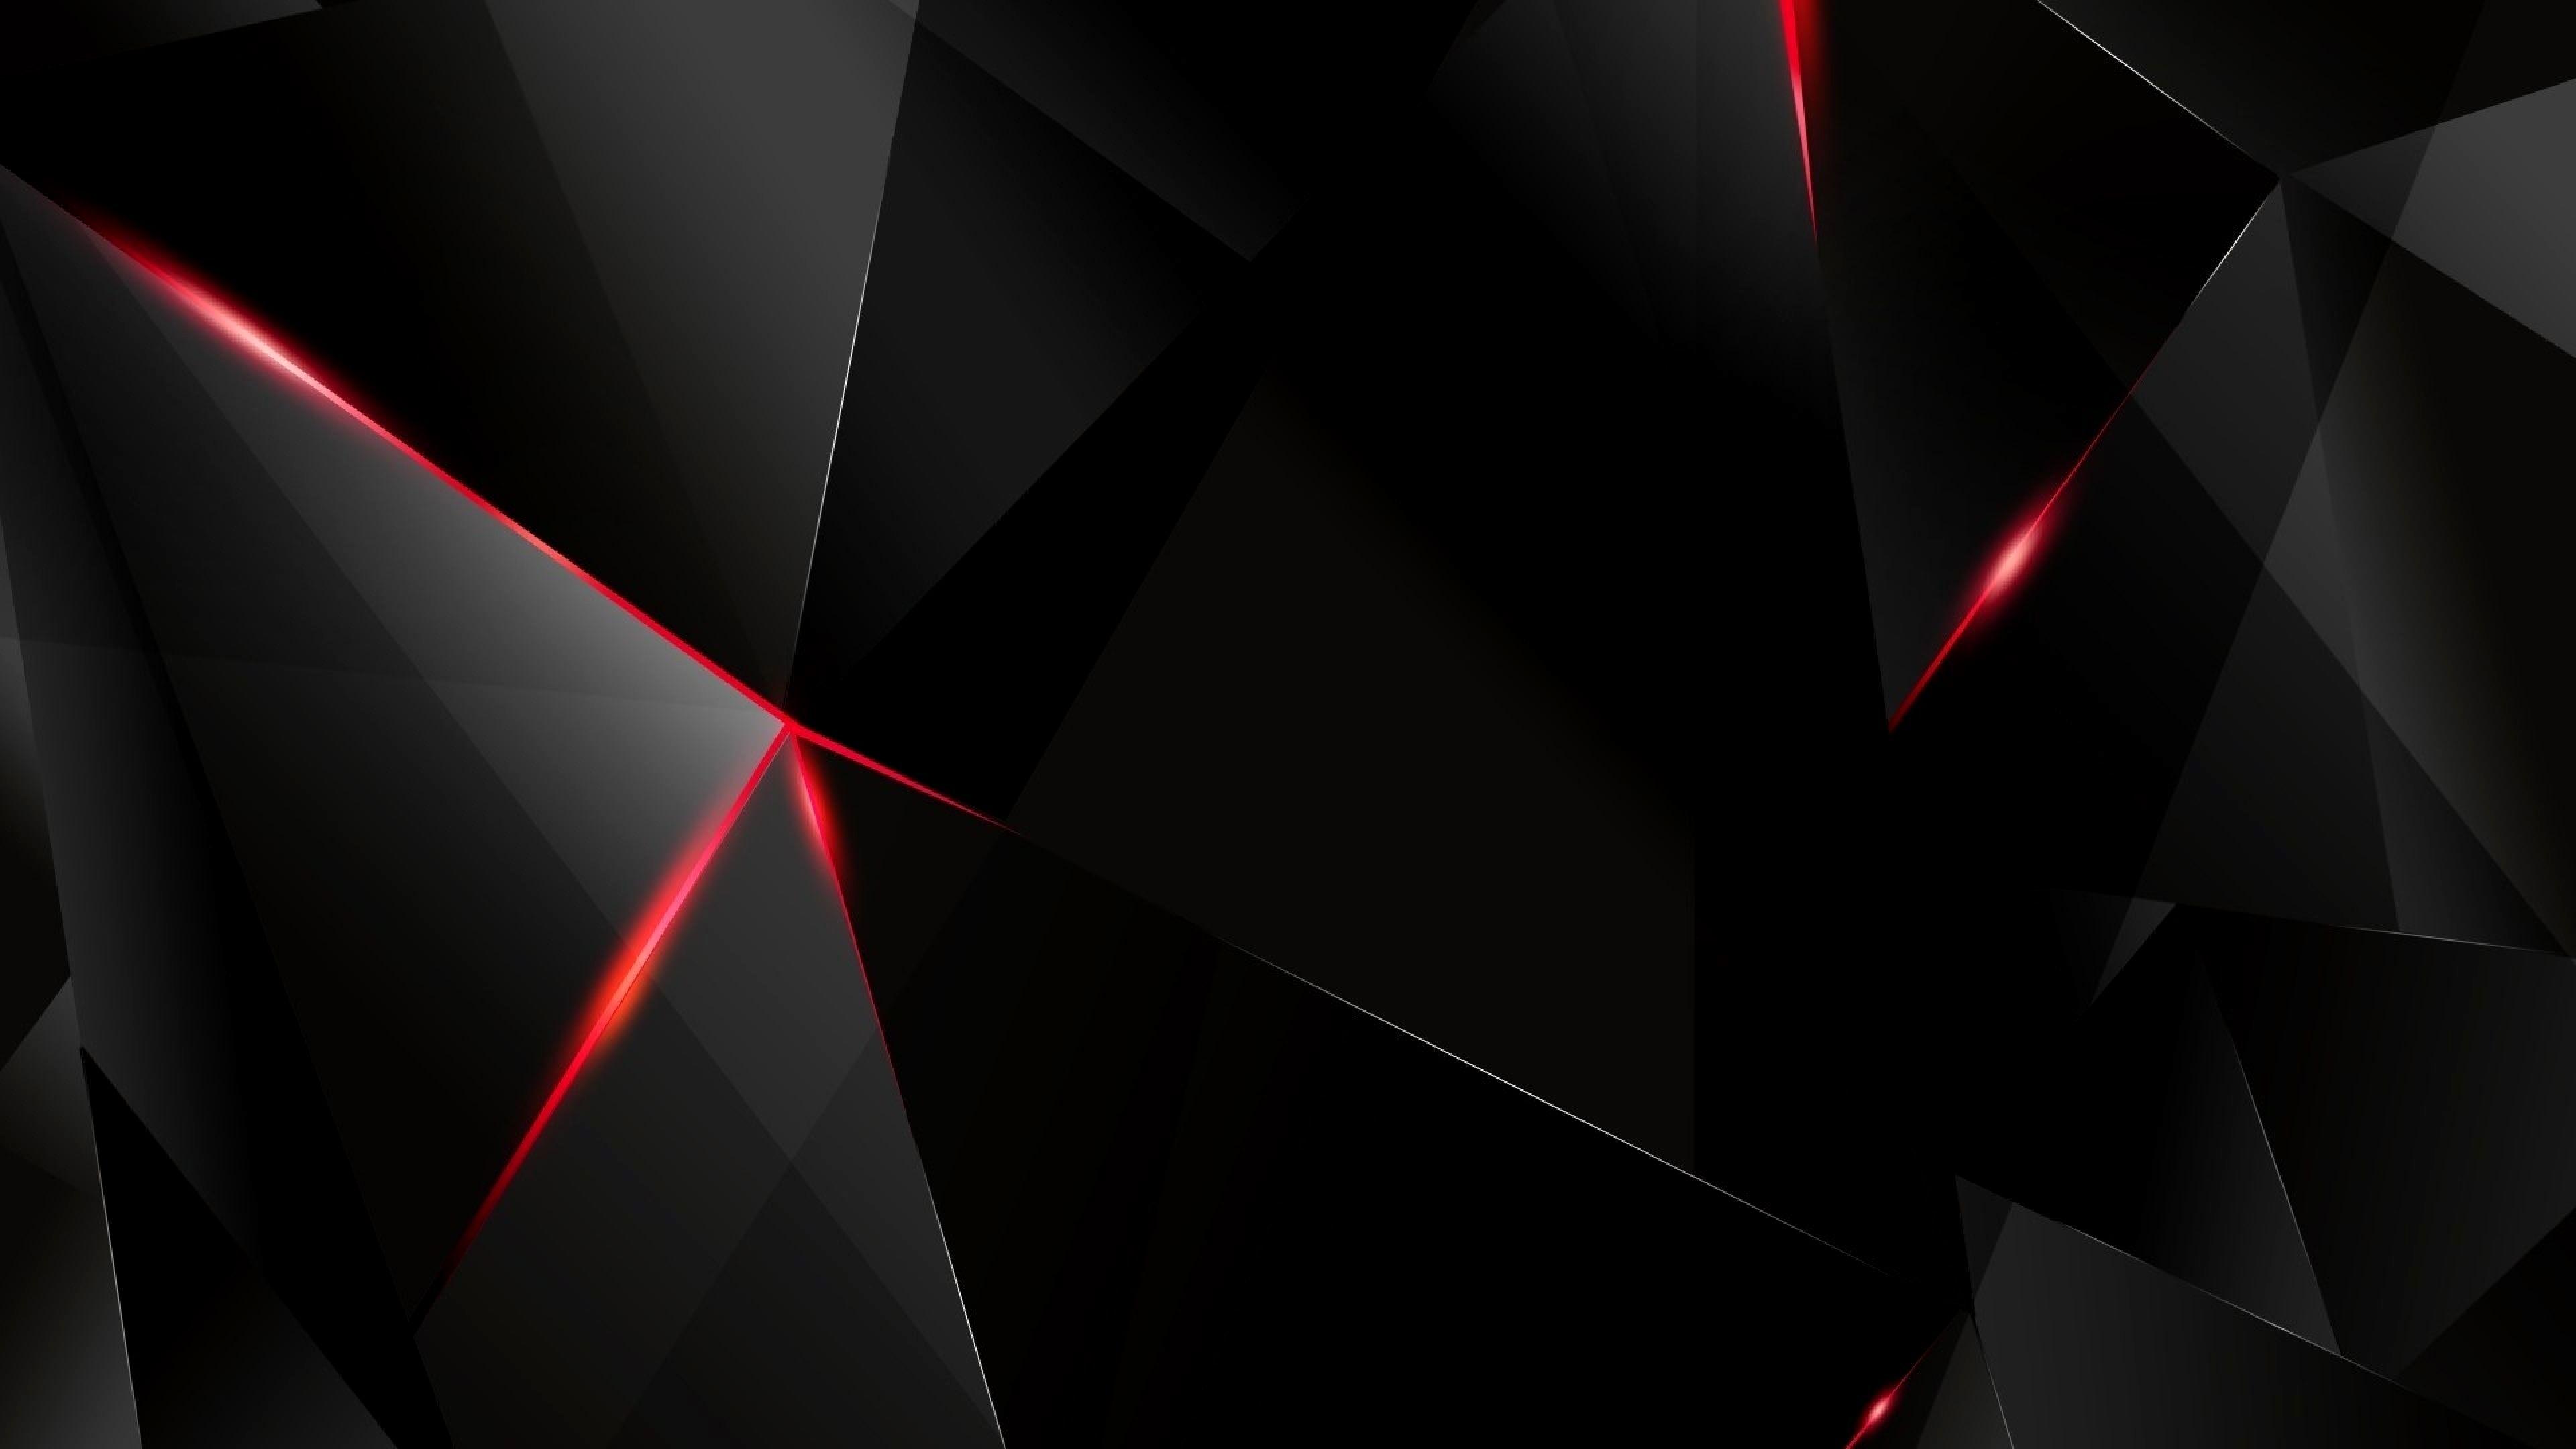 Wallpaper 4K Windows 10 Dark Ideas 4K, 2020